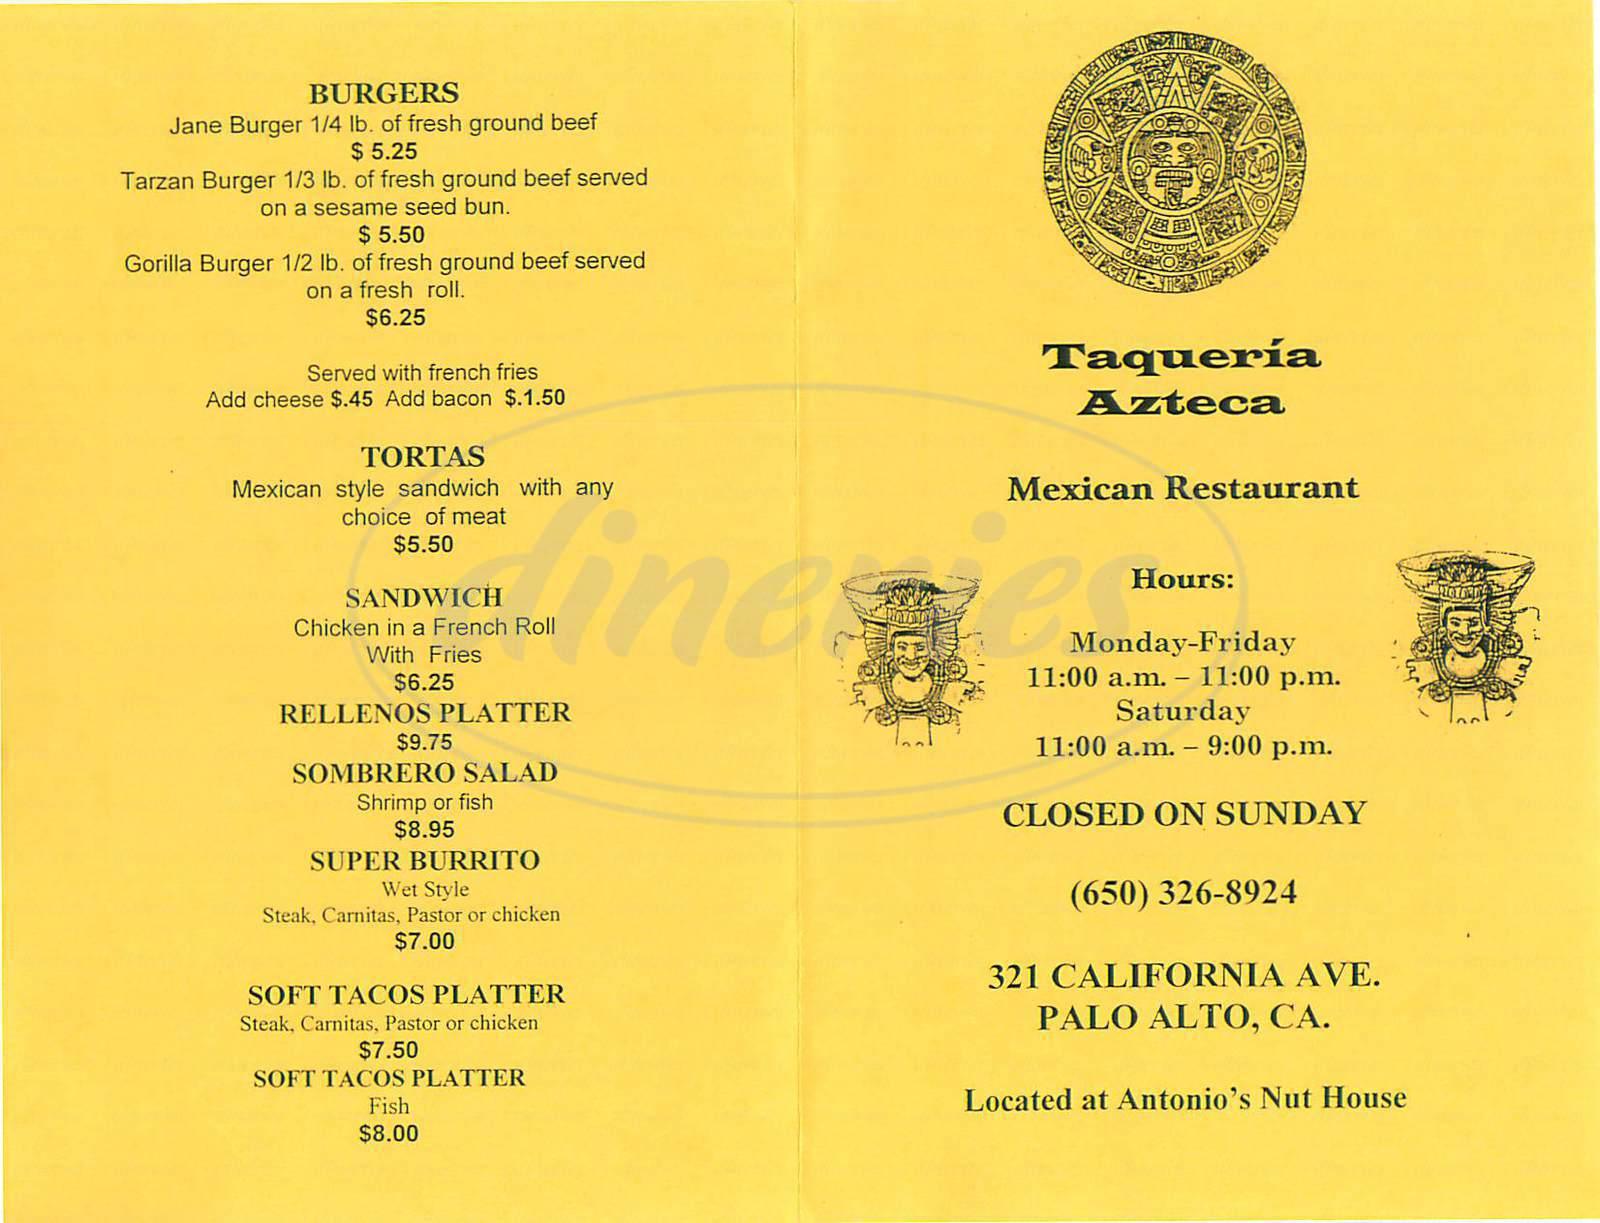 menu for Taqueria Azteca